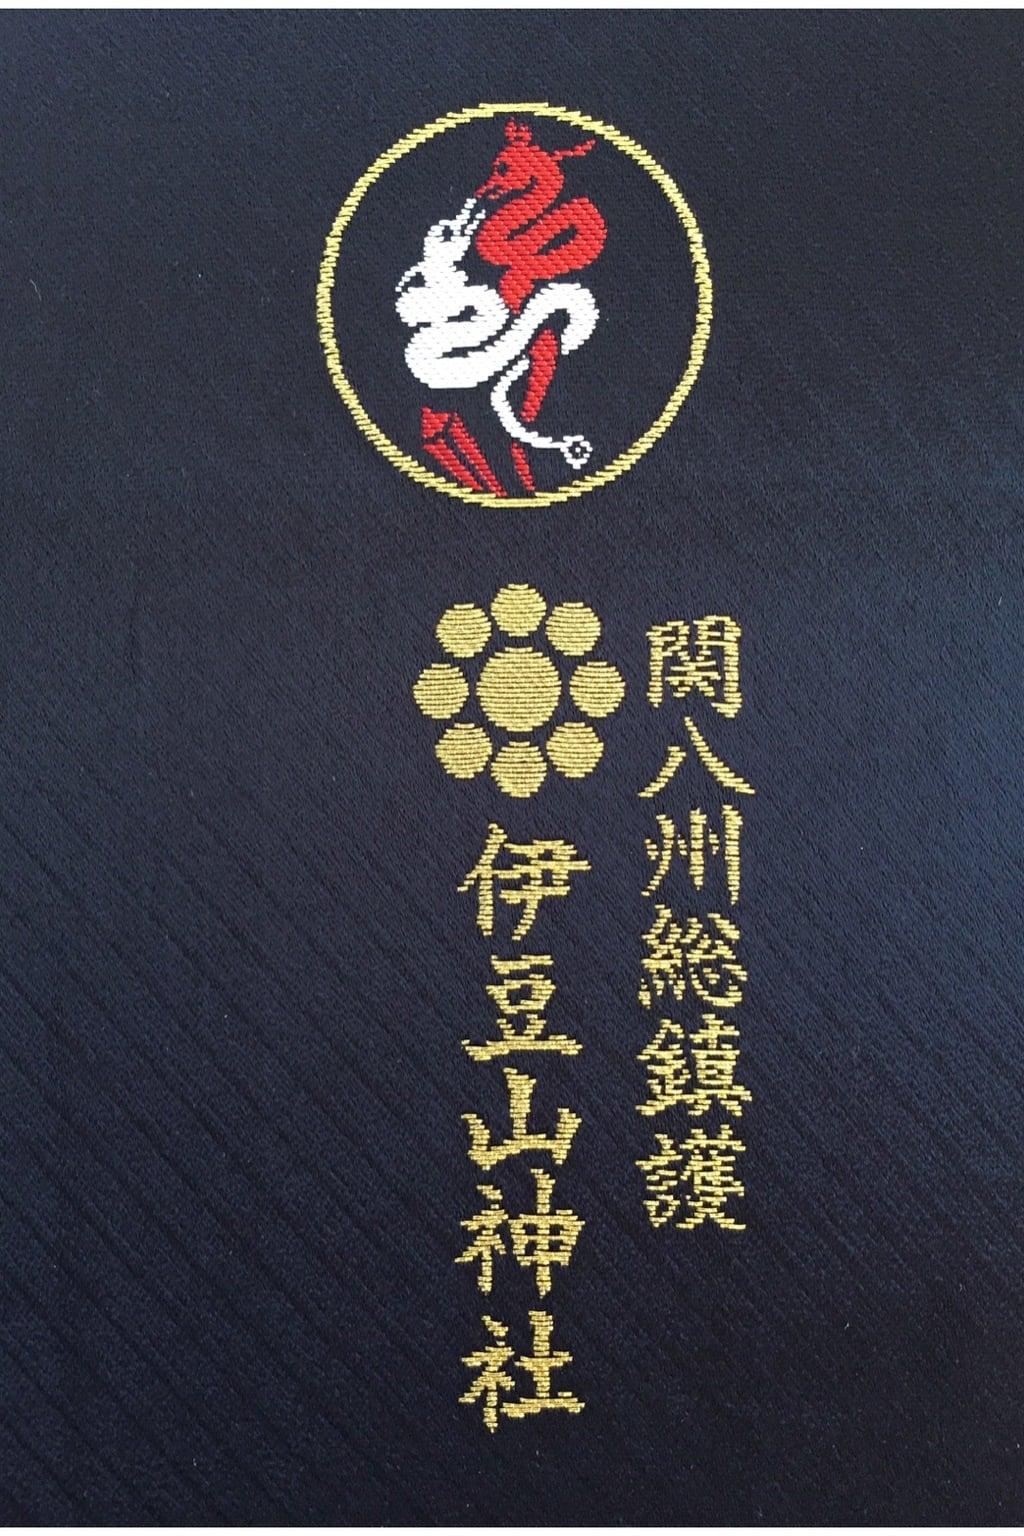 伊豆山神社の御朱印帳